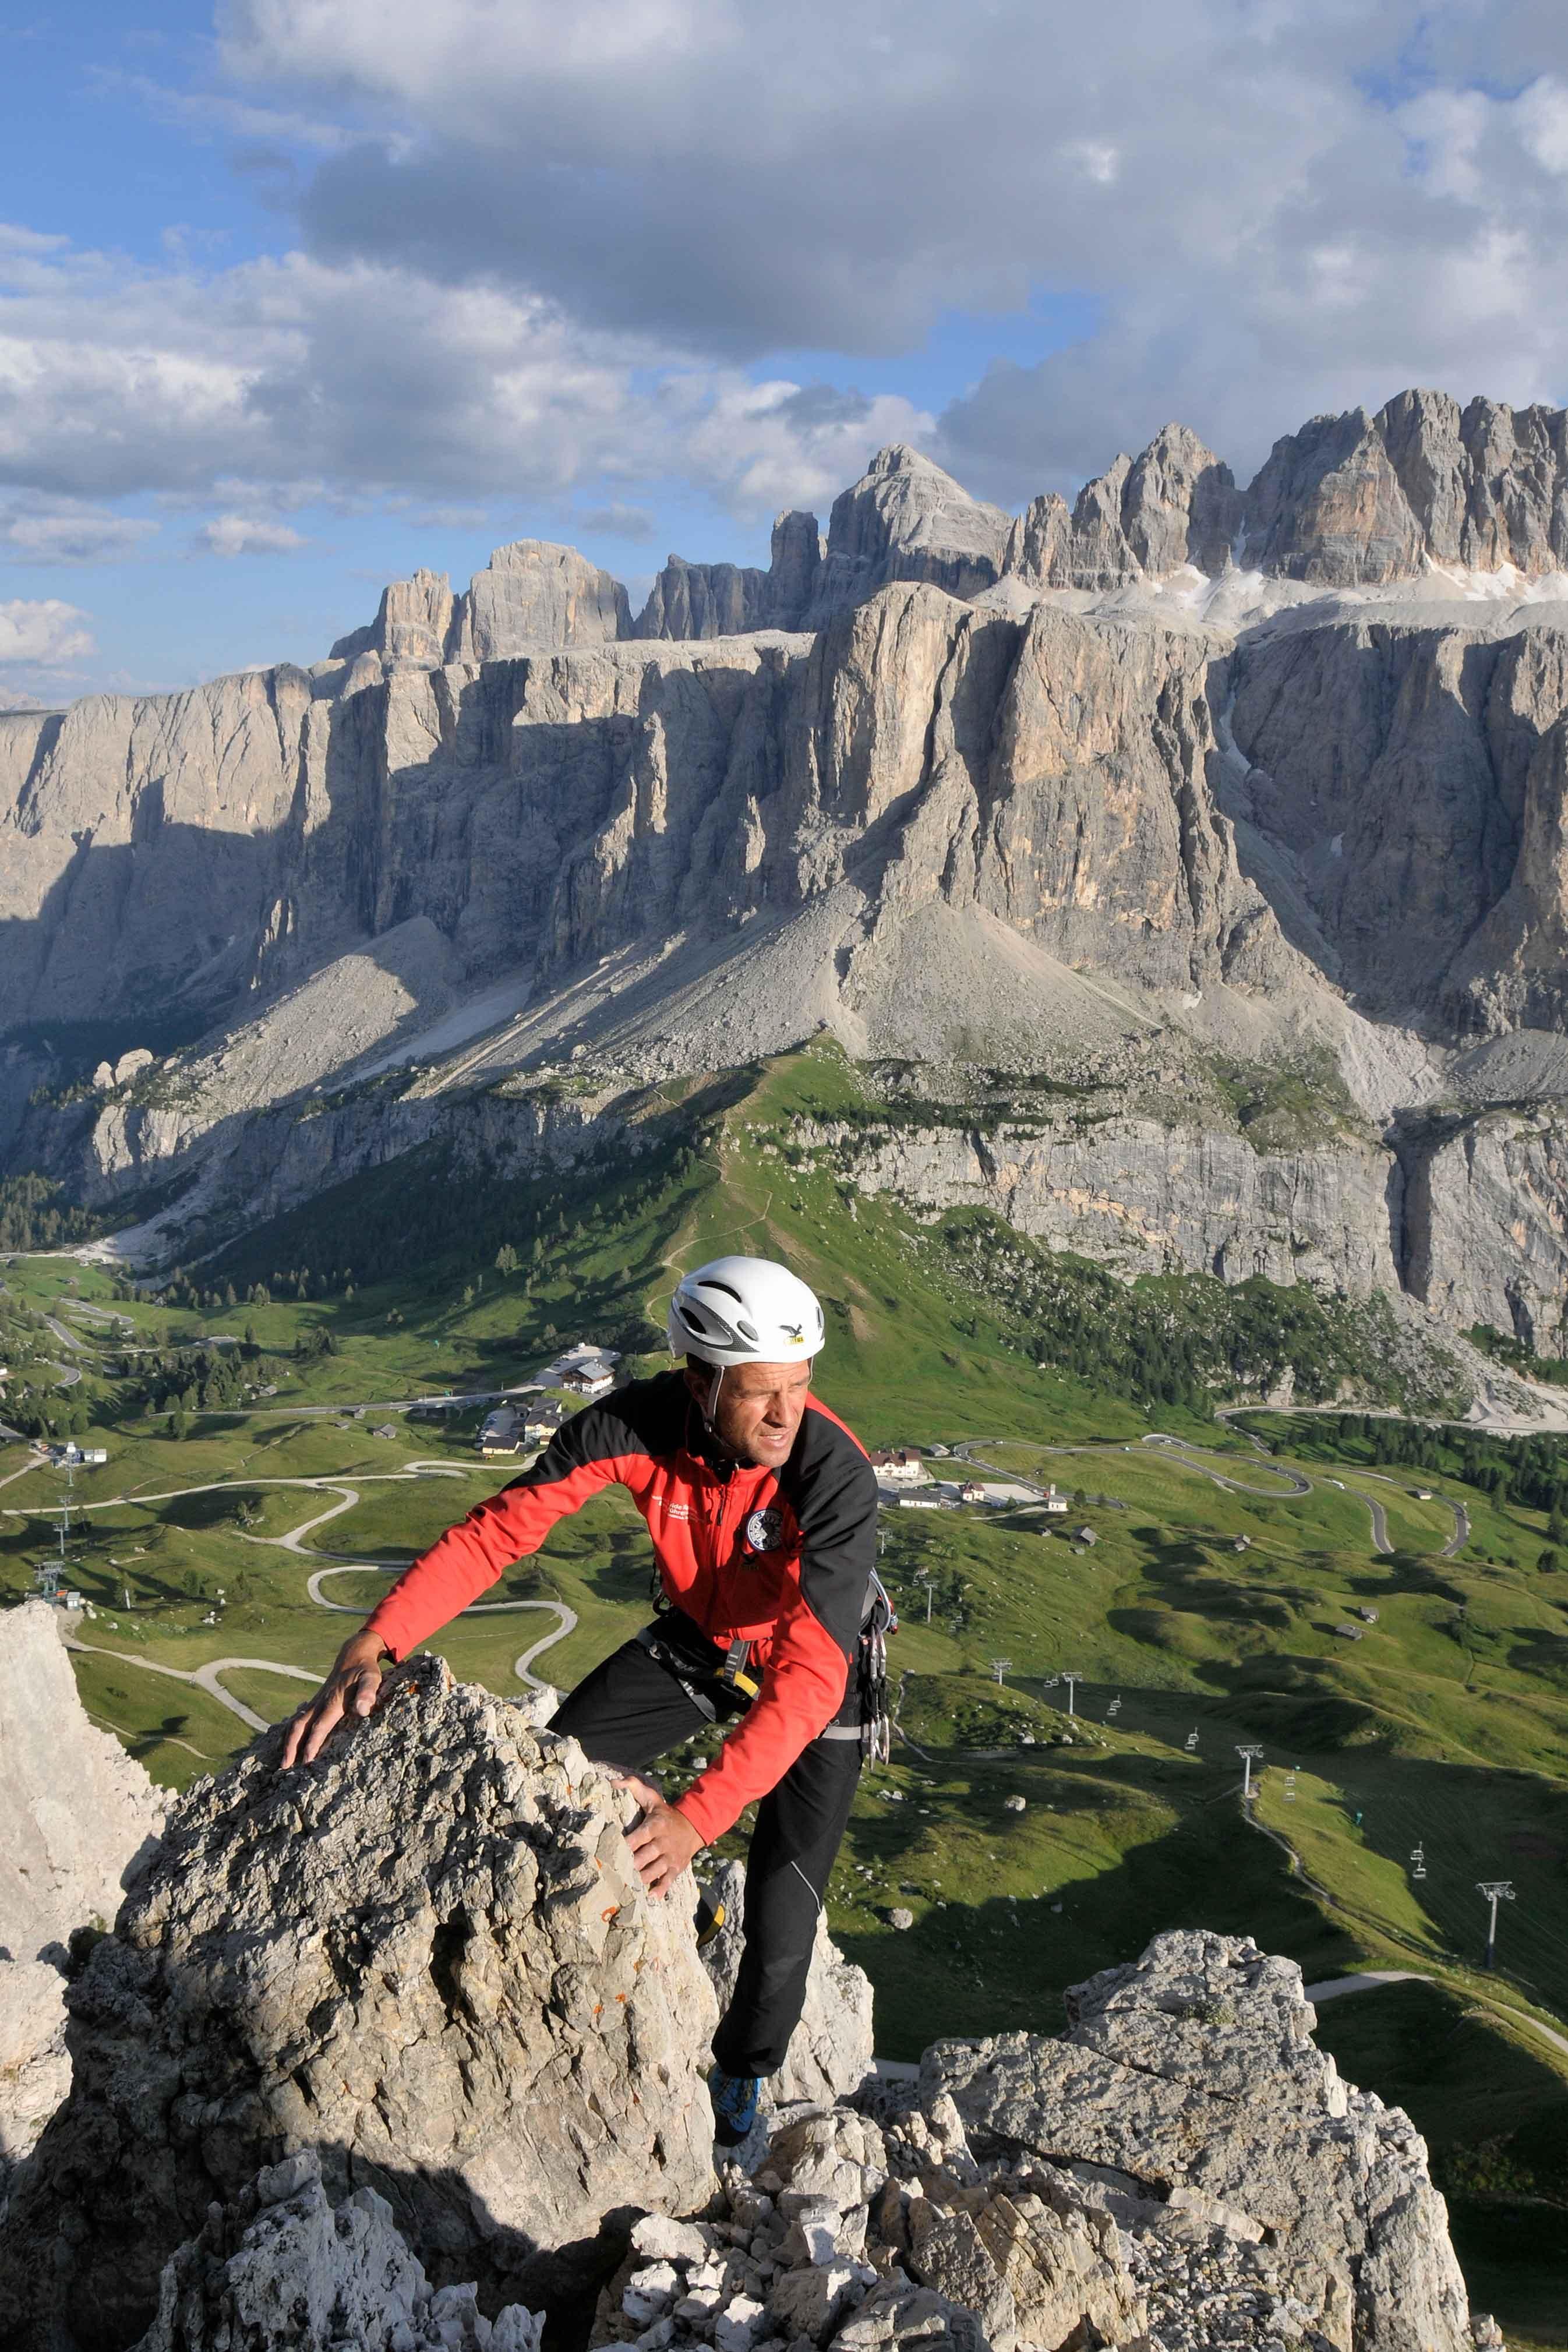 Klettersteig Johann Topo : Klettersteige johann klettersteig km bergwelten